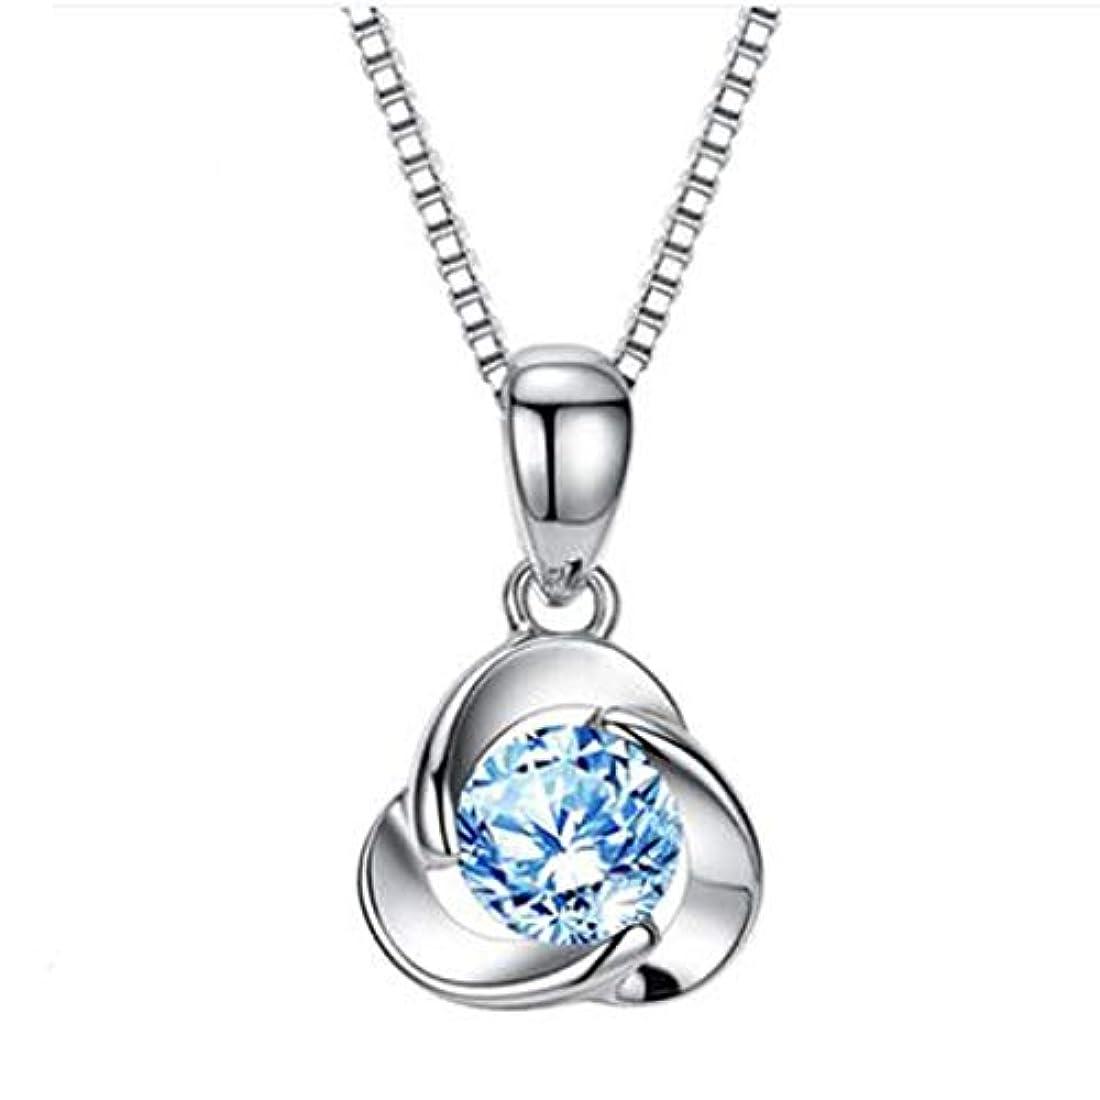 忌避剤不健康不愉快にAishanghuayi ガールフレンドの妻の誕生日プレゼントを送る女性実用クリエイティブロマンチックな特別な心小さな贈り物,ファッションオーナメント (Color : Blue)